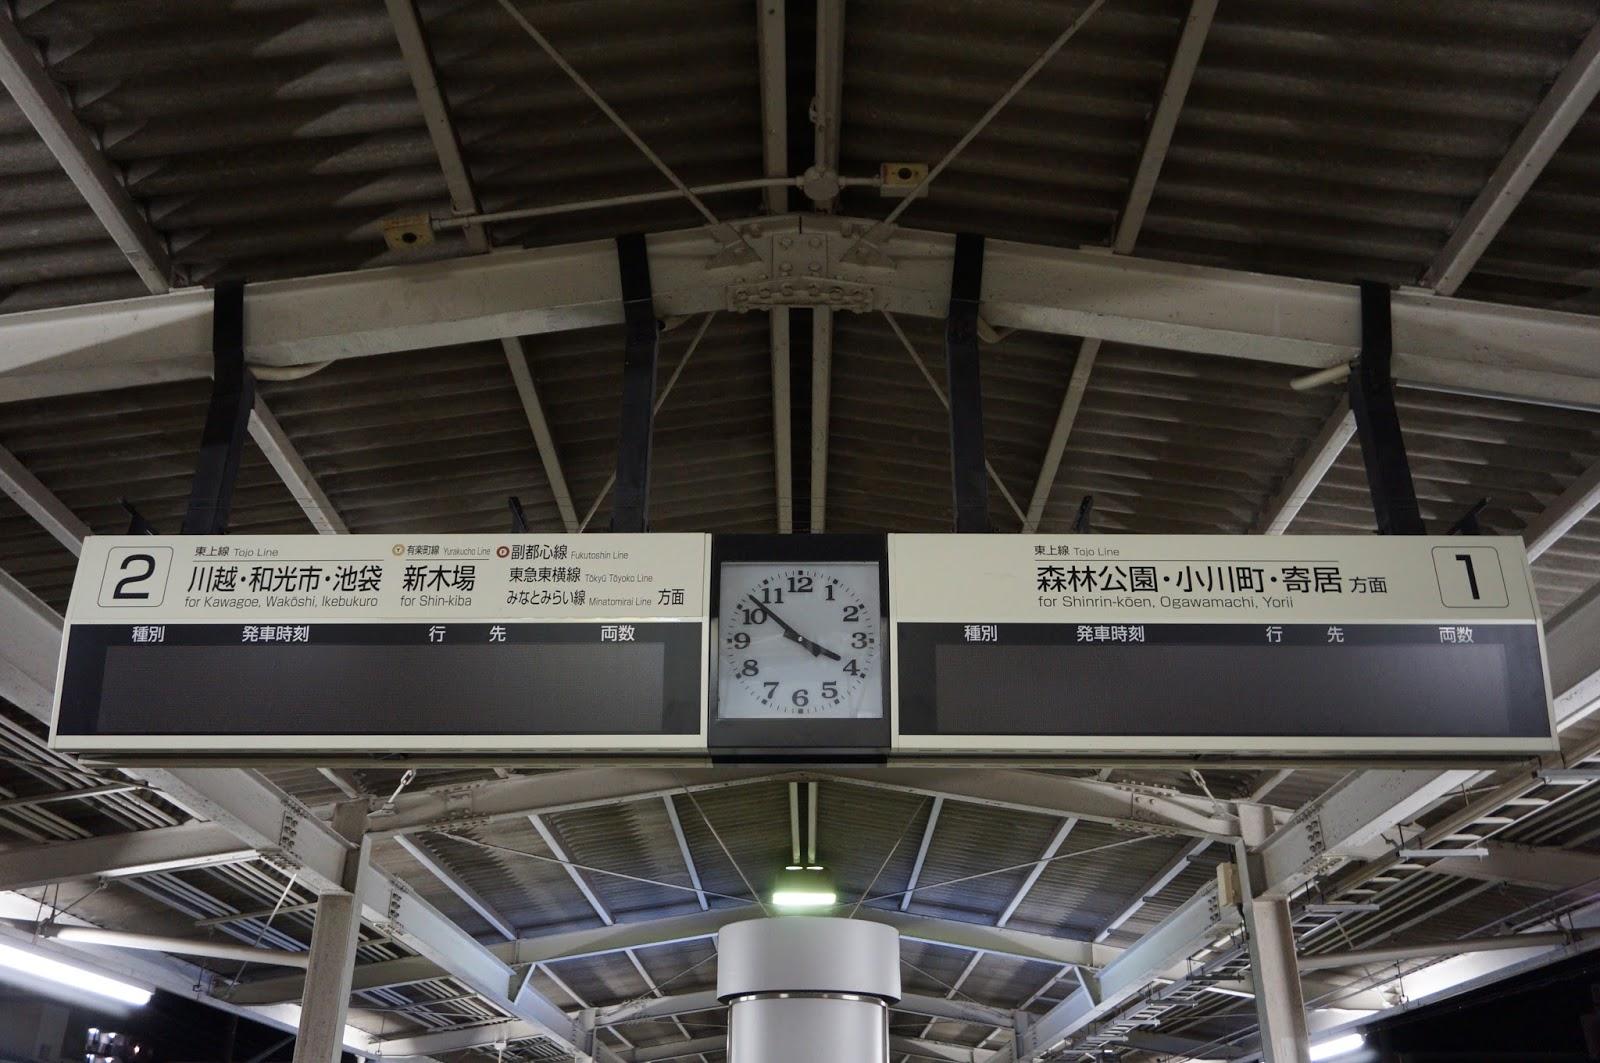 みなと横浜 初日の出号2015年運行時の電光掲示板